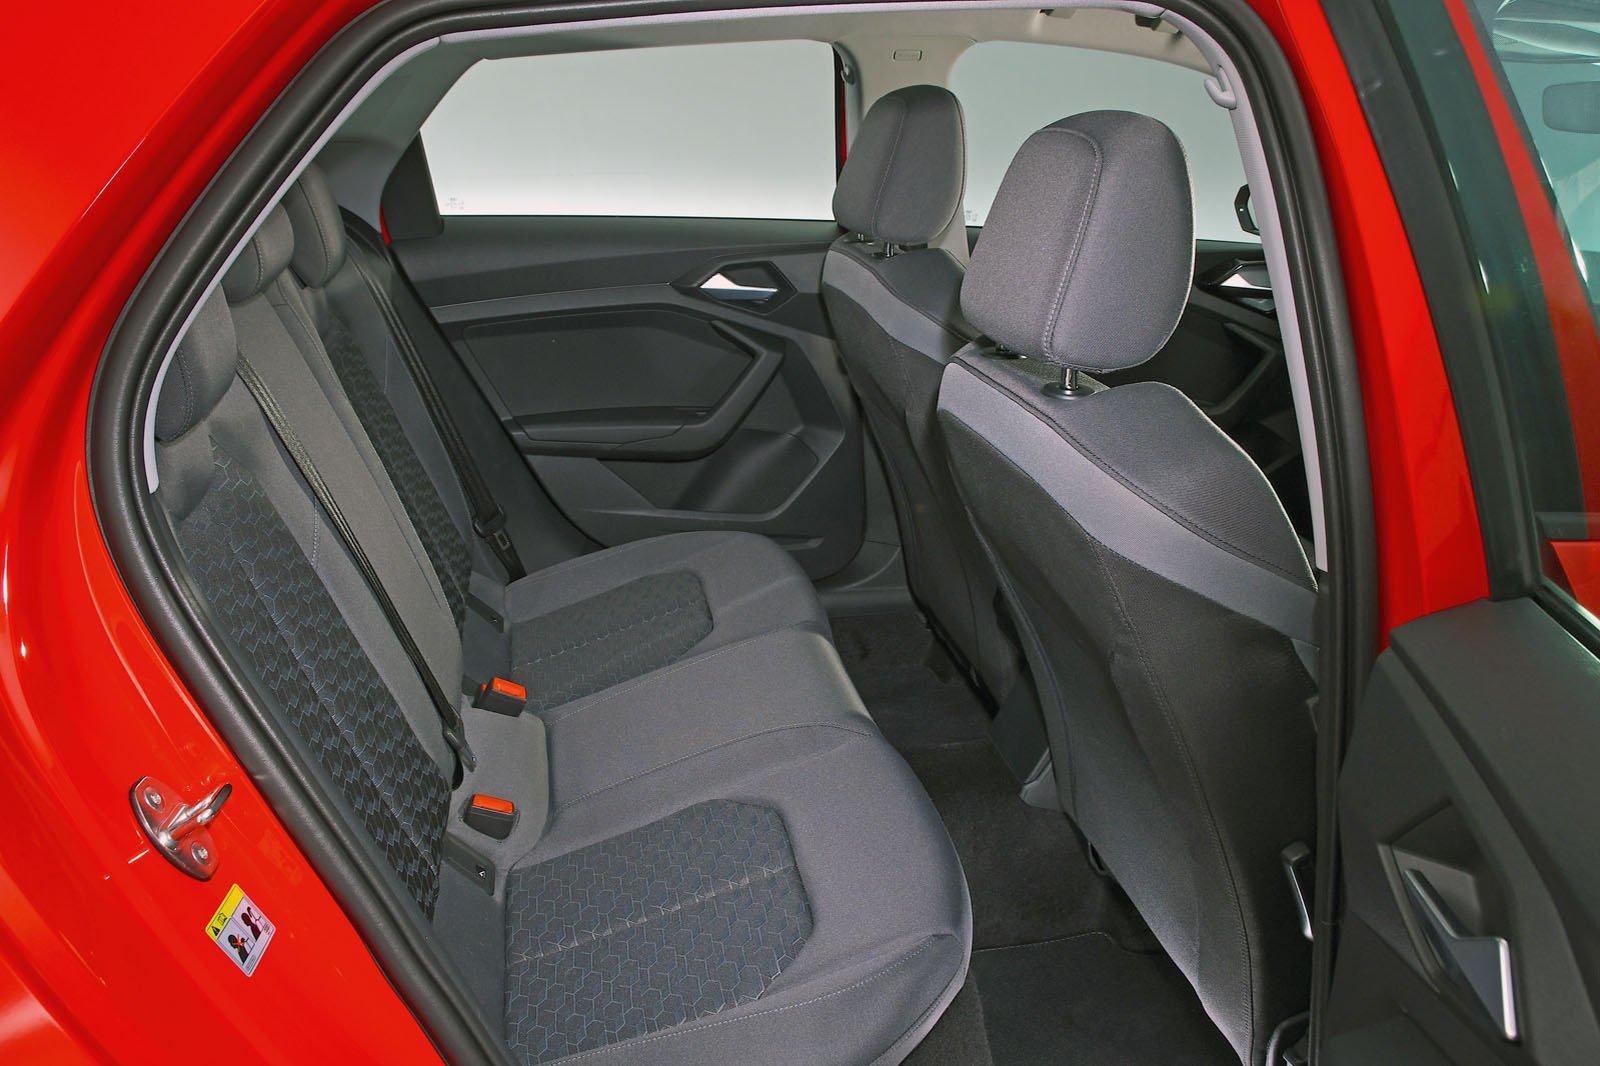 Audi A1 back seats